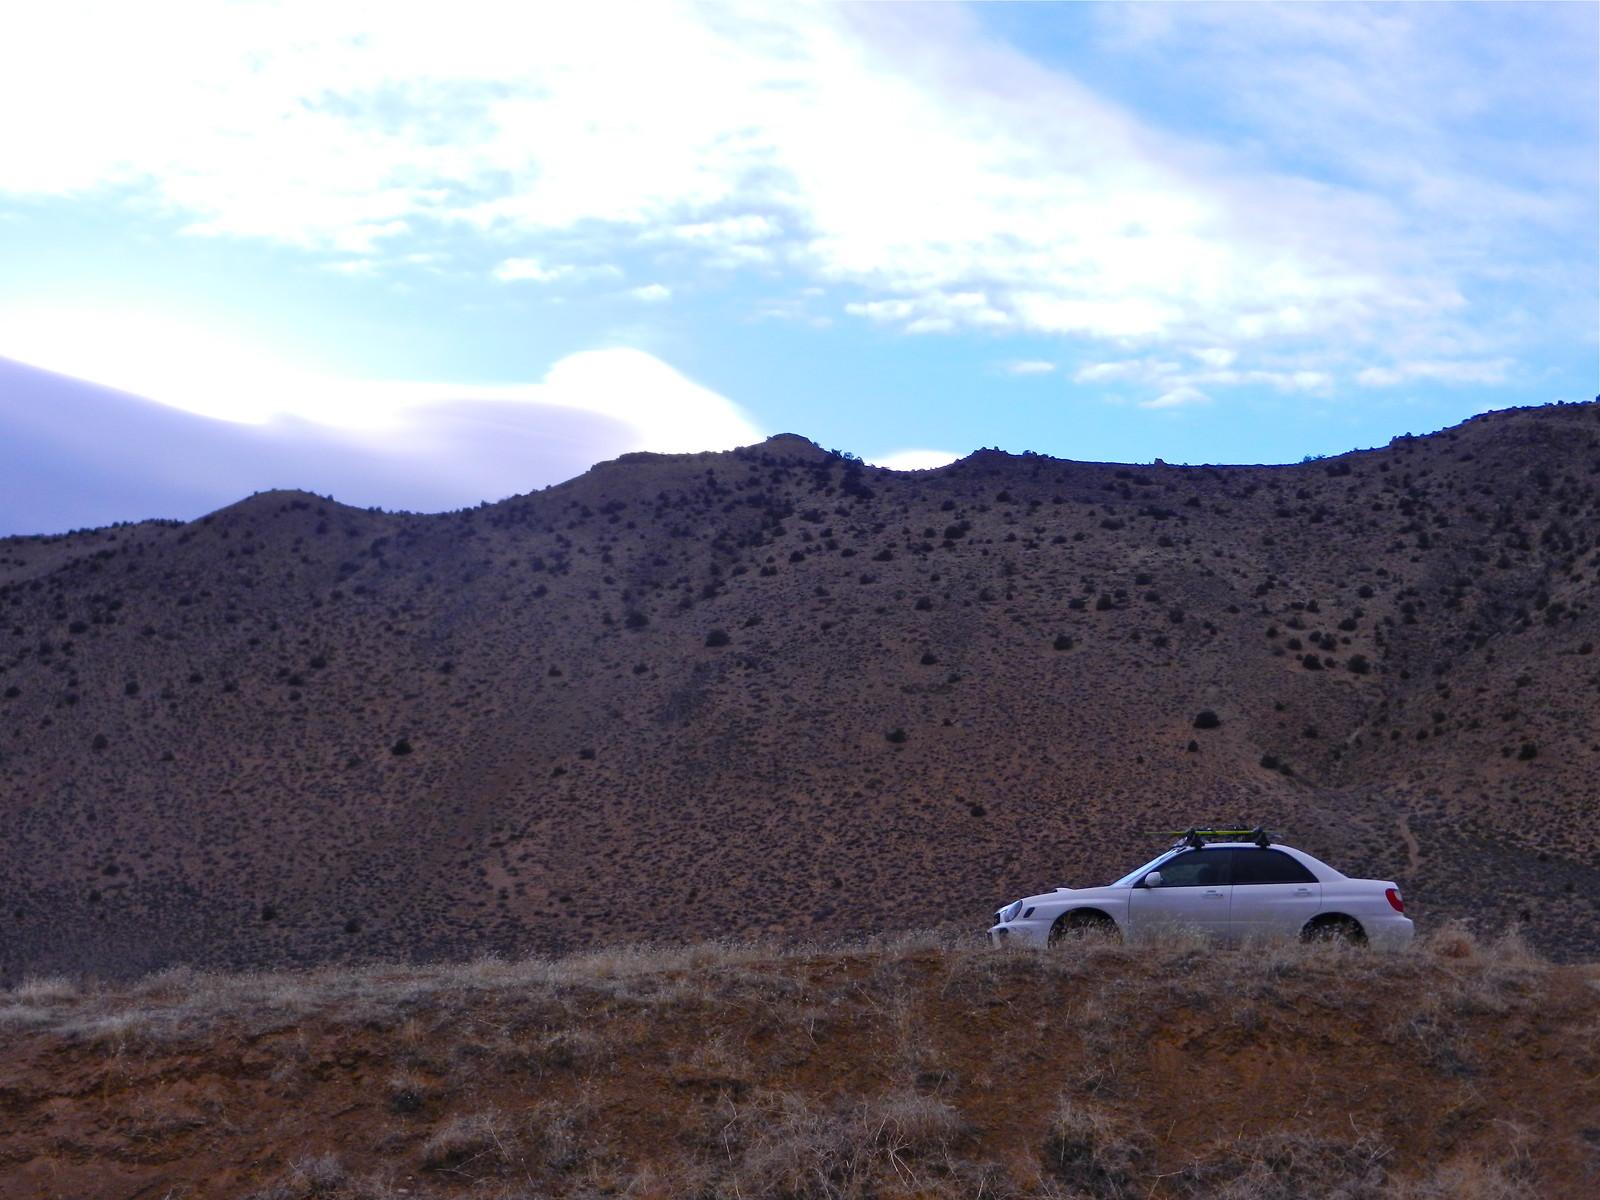 DSCN0407 - monsterrex03 - Mountain Biking Pictures - Vital MTB